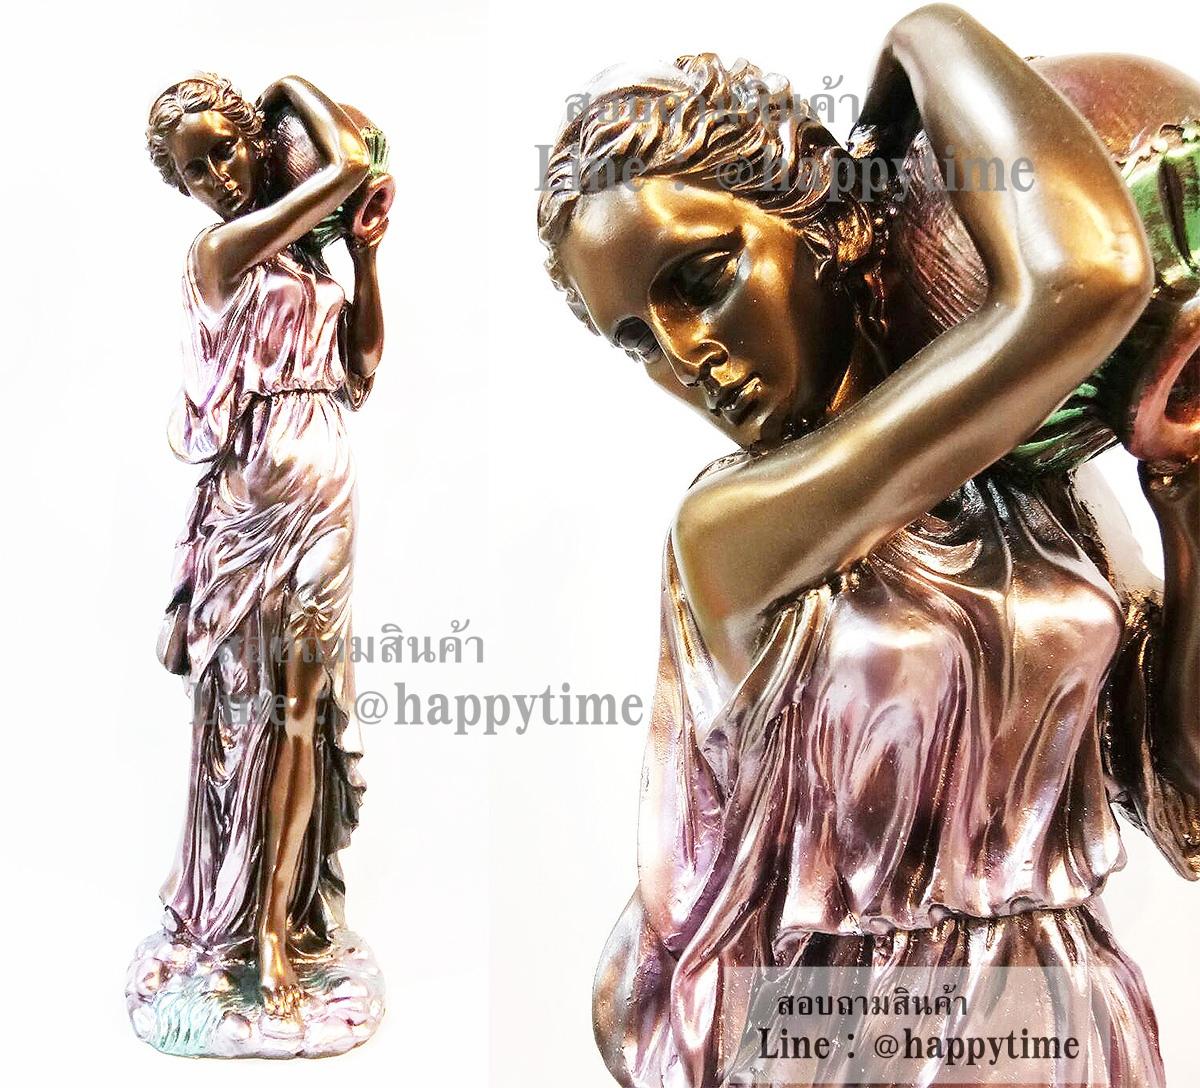 รูปปั้นเรซิ่นรูปหญิงสาว